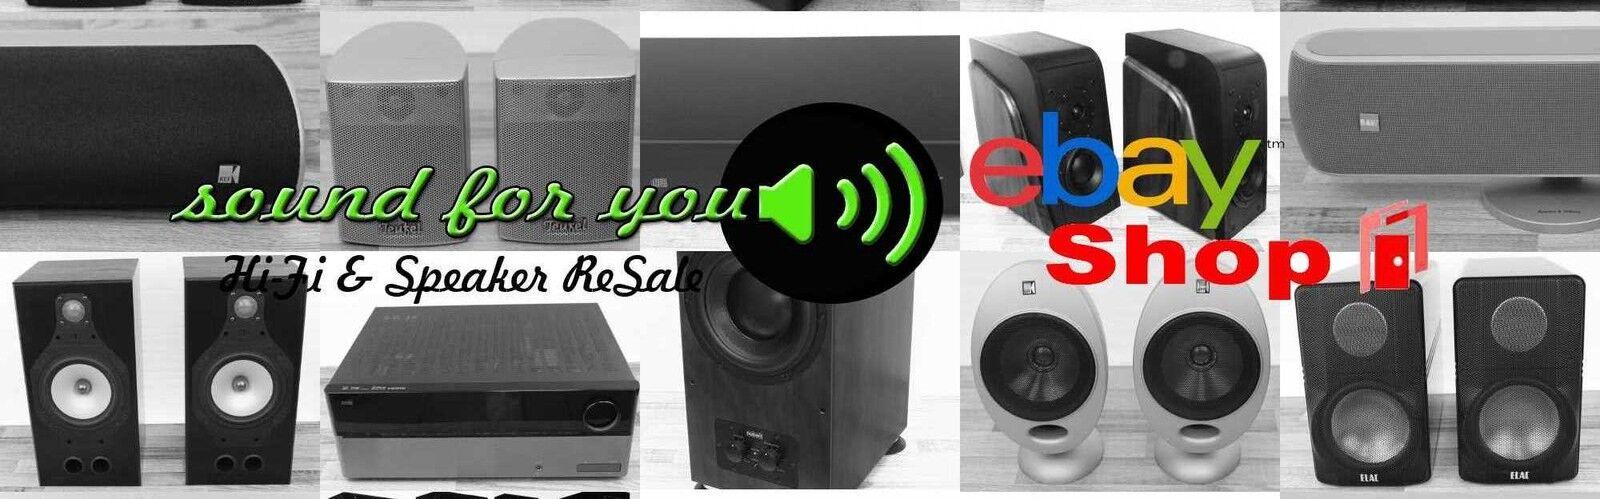 sound4-you